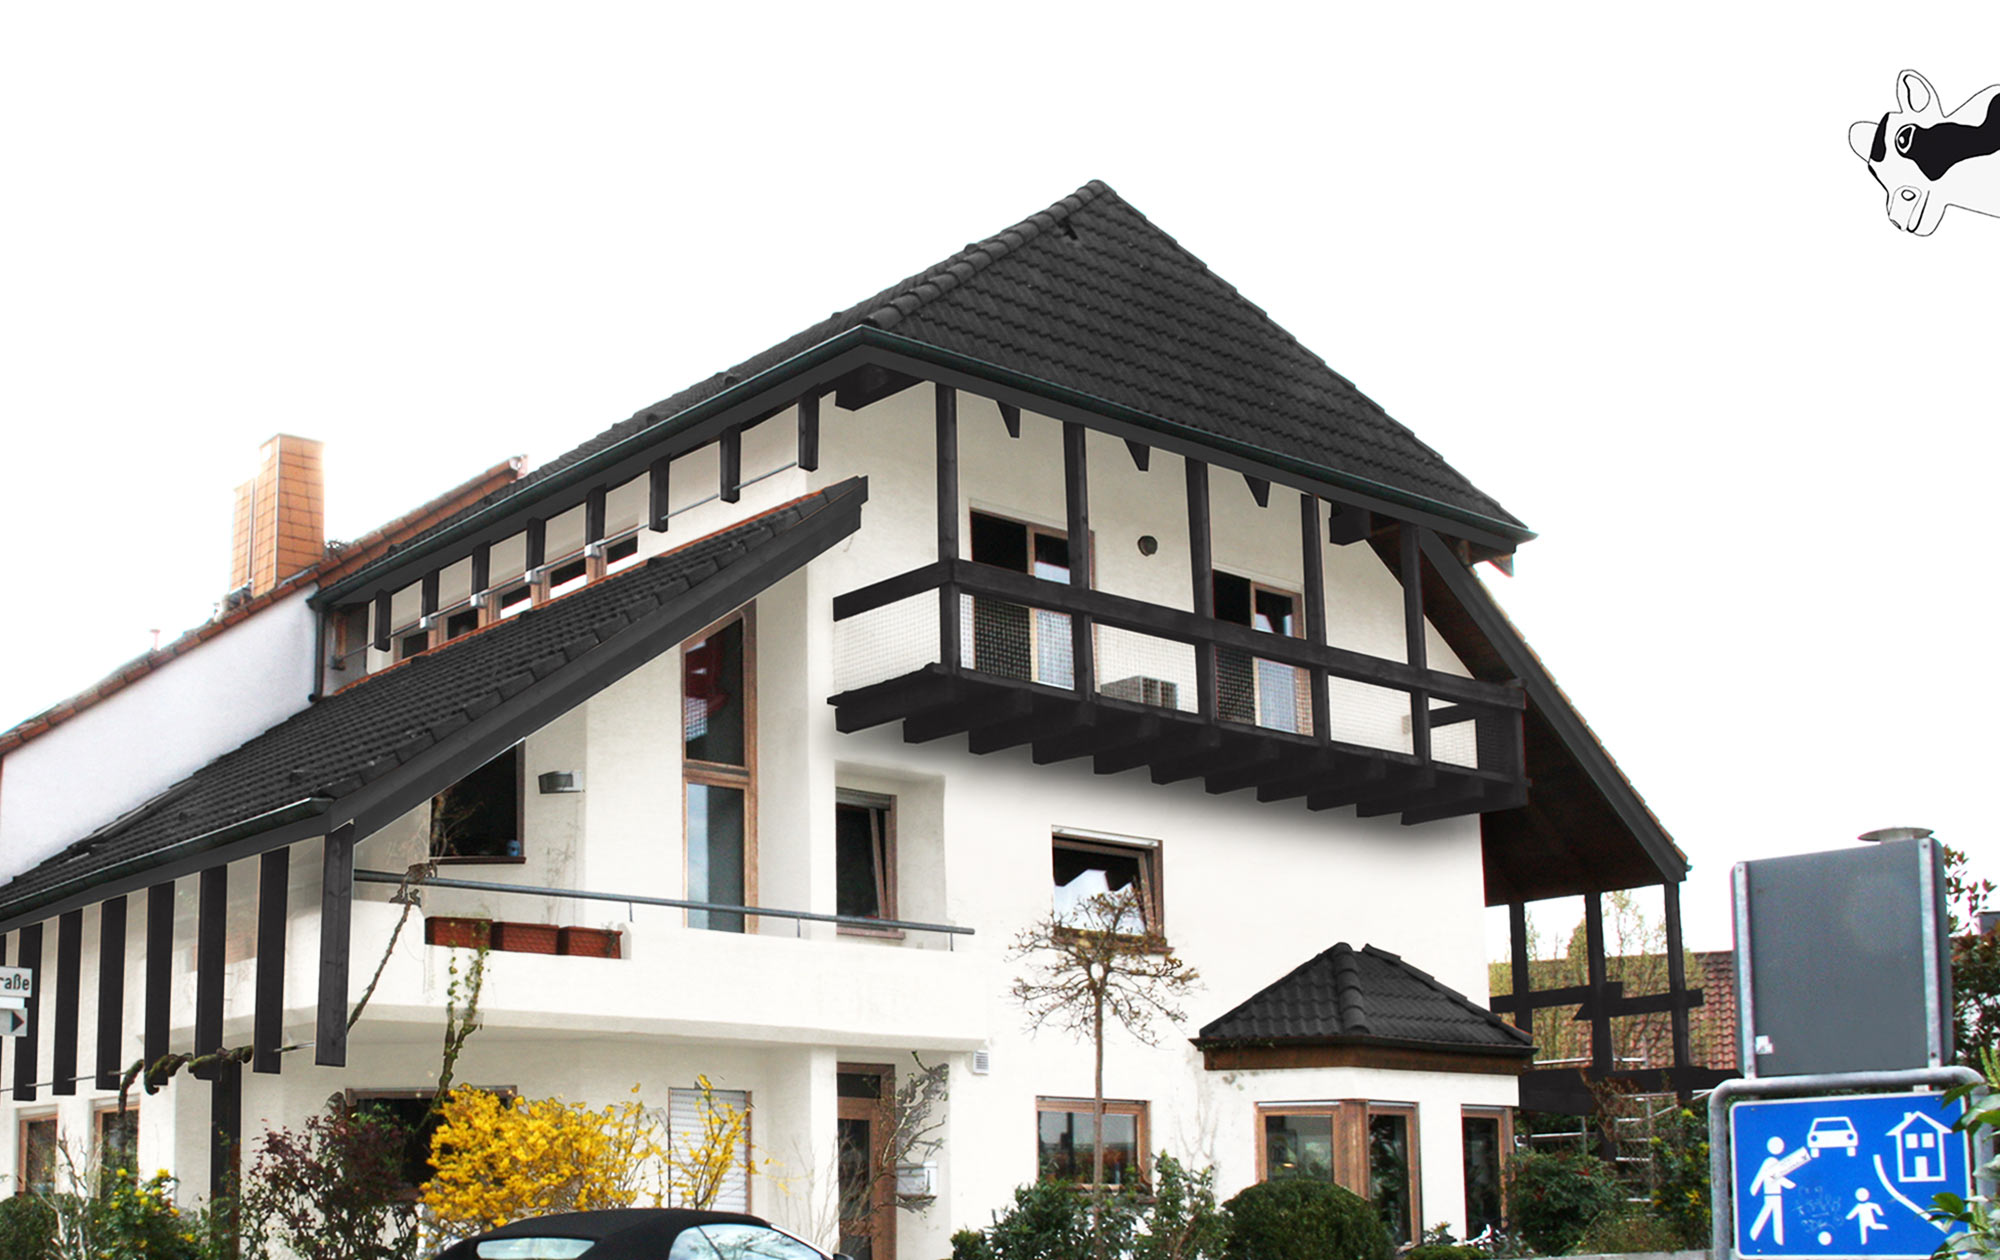 Digitale Farbberatung Fassade